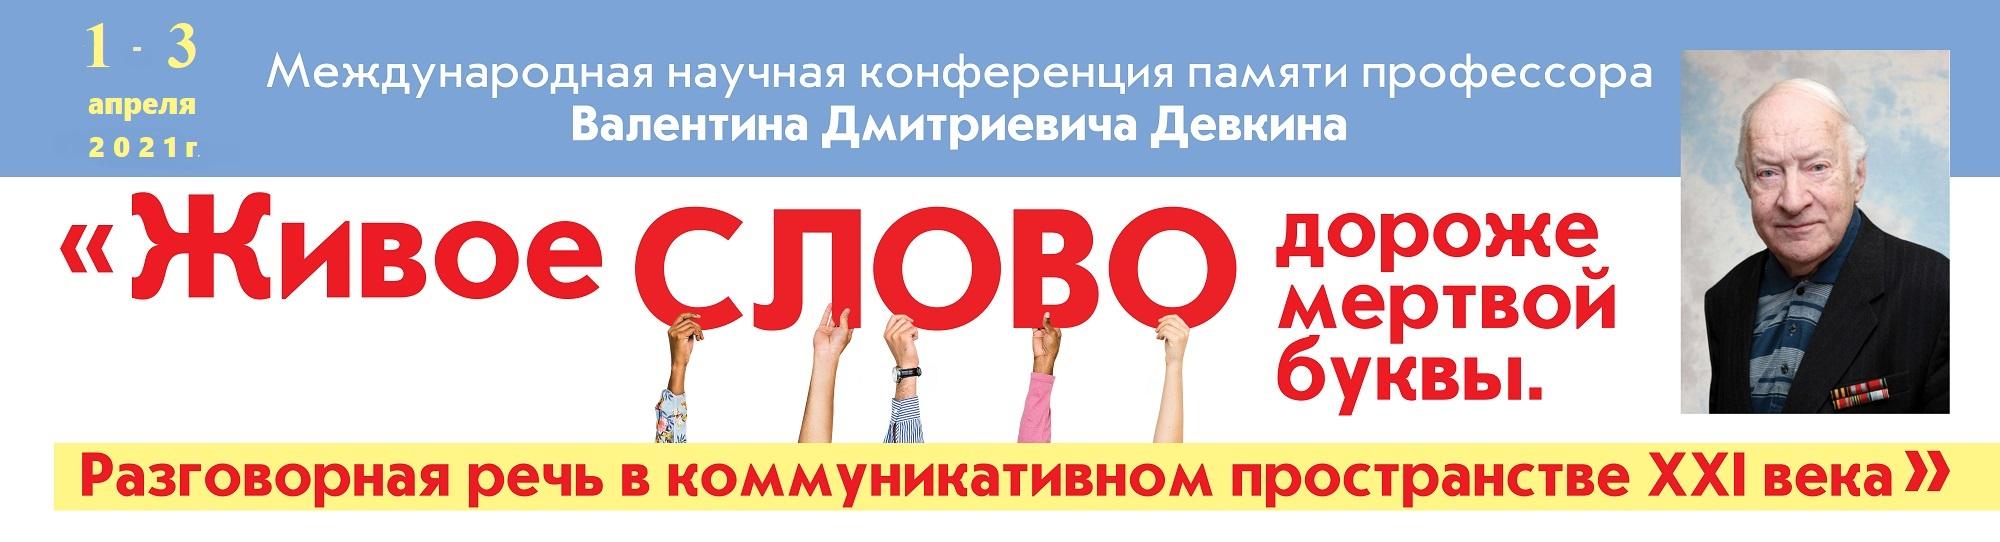 Баннер-Конференция-Памяти-Девкина 2021